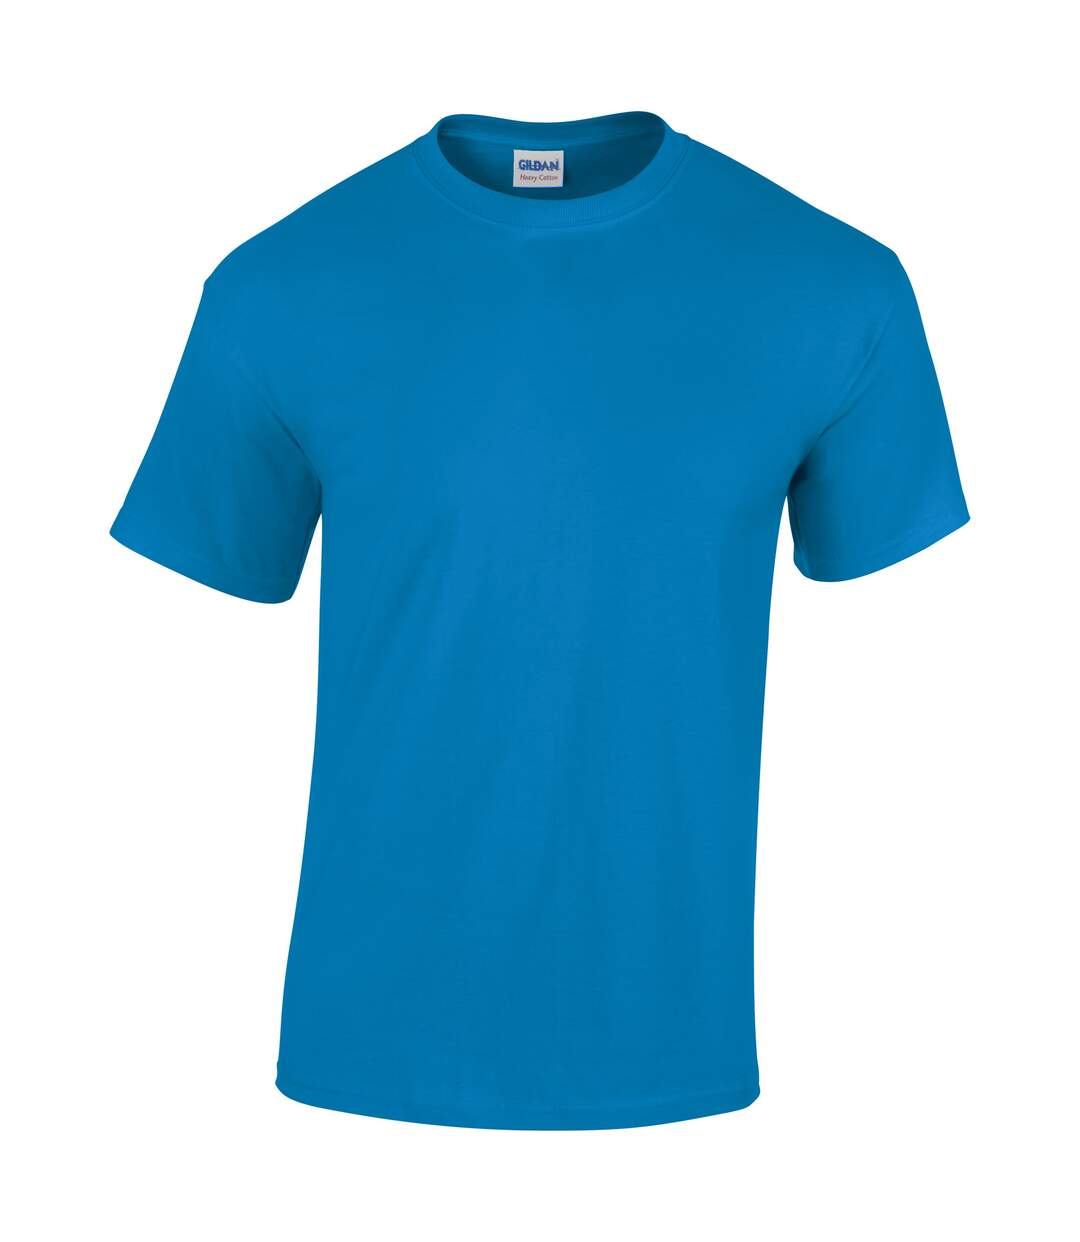 Gildan - T-shirt à manches courtes - Homme (Gris sombre) - UTBC481